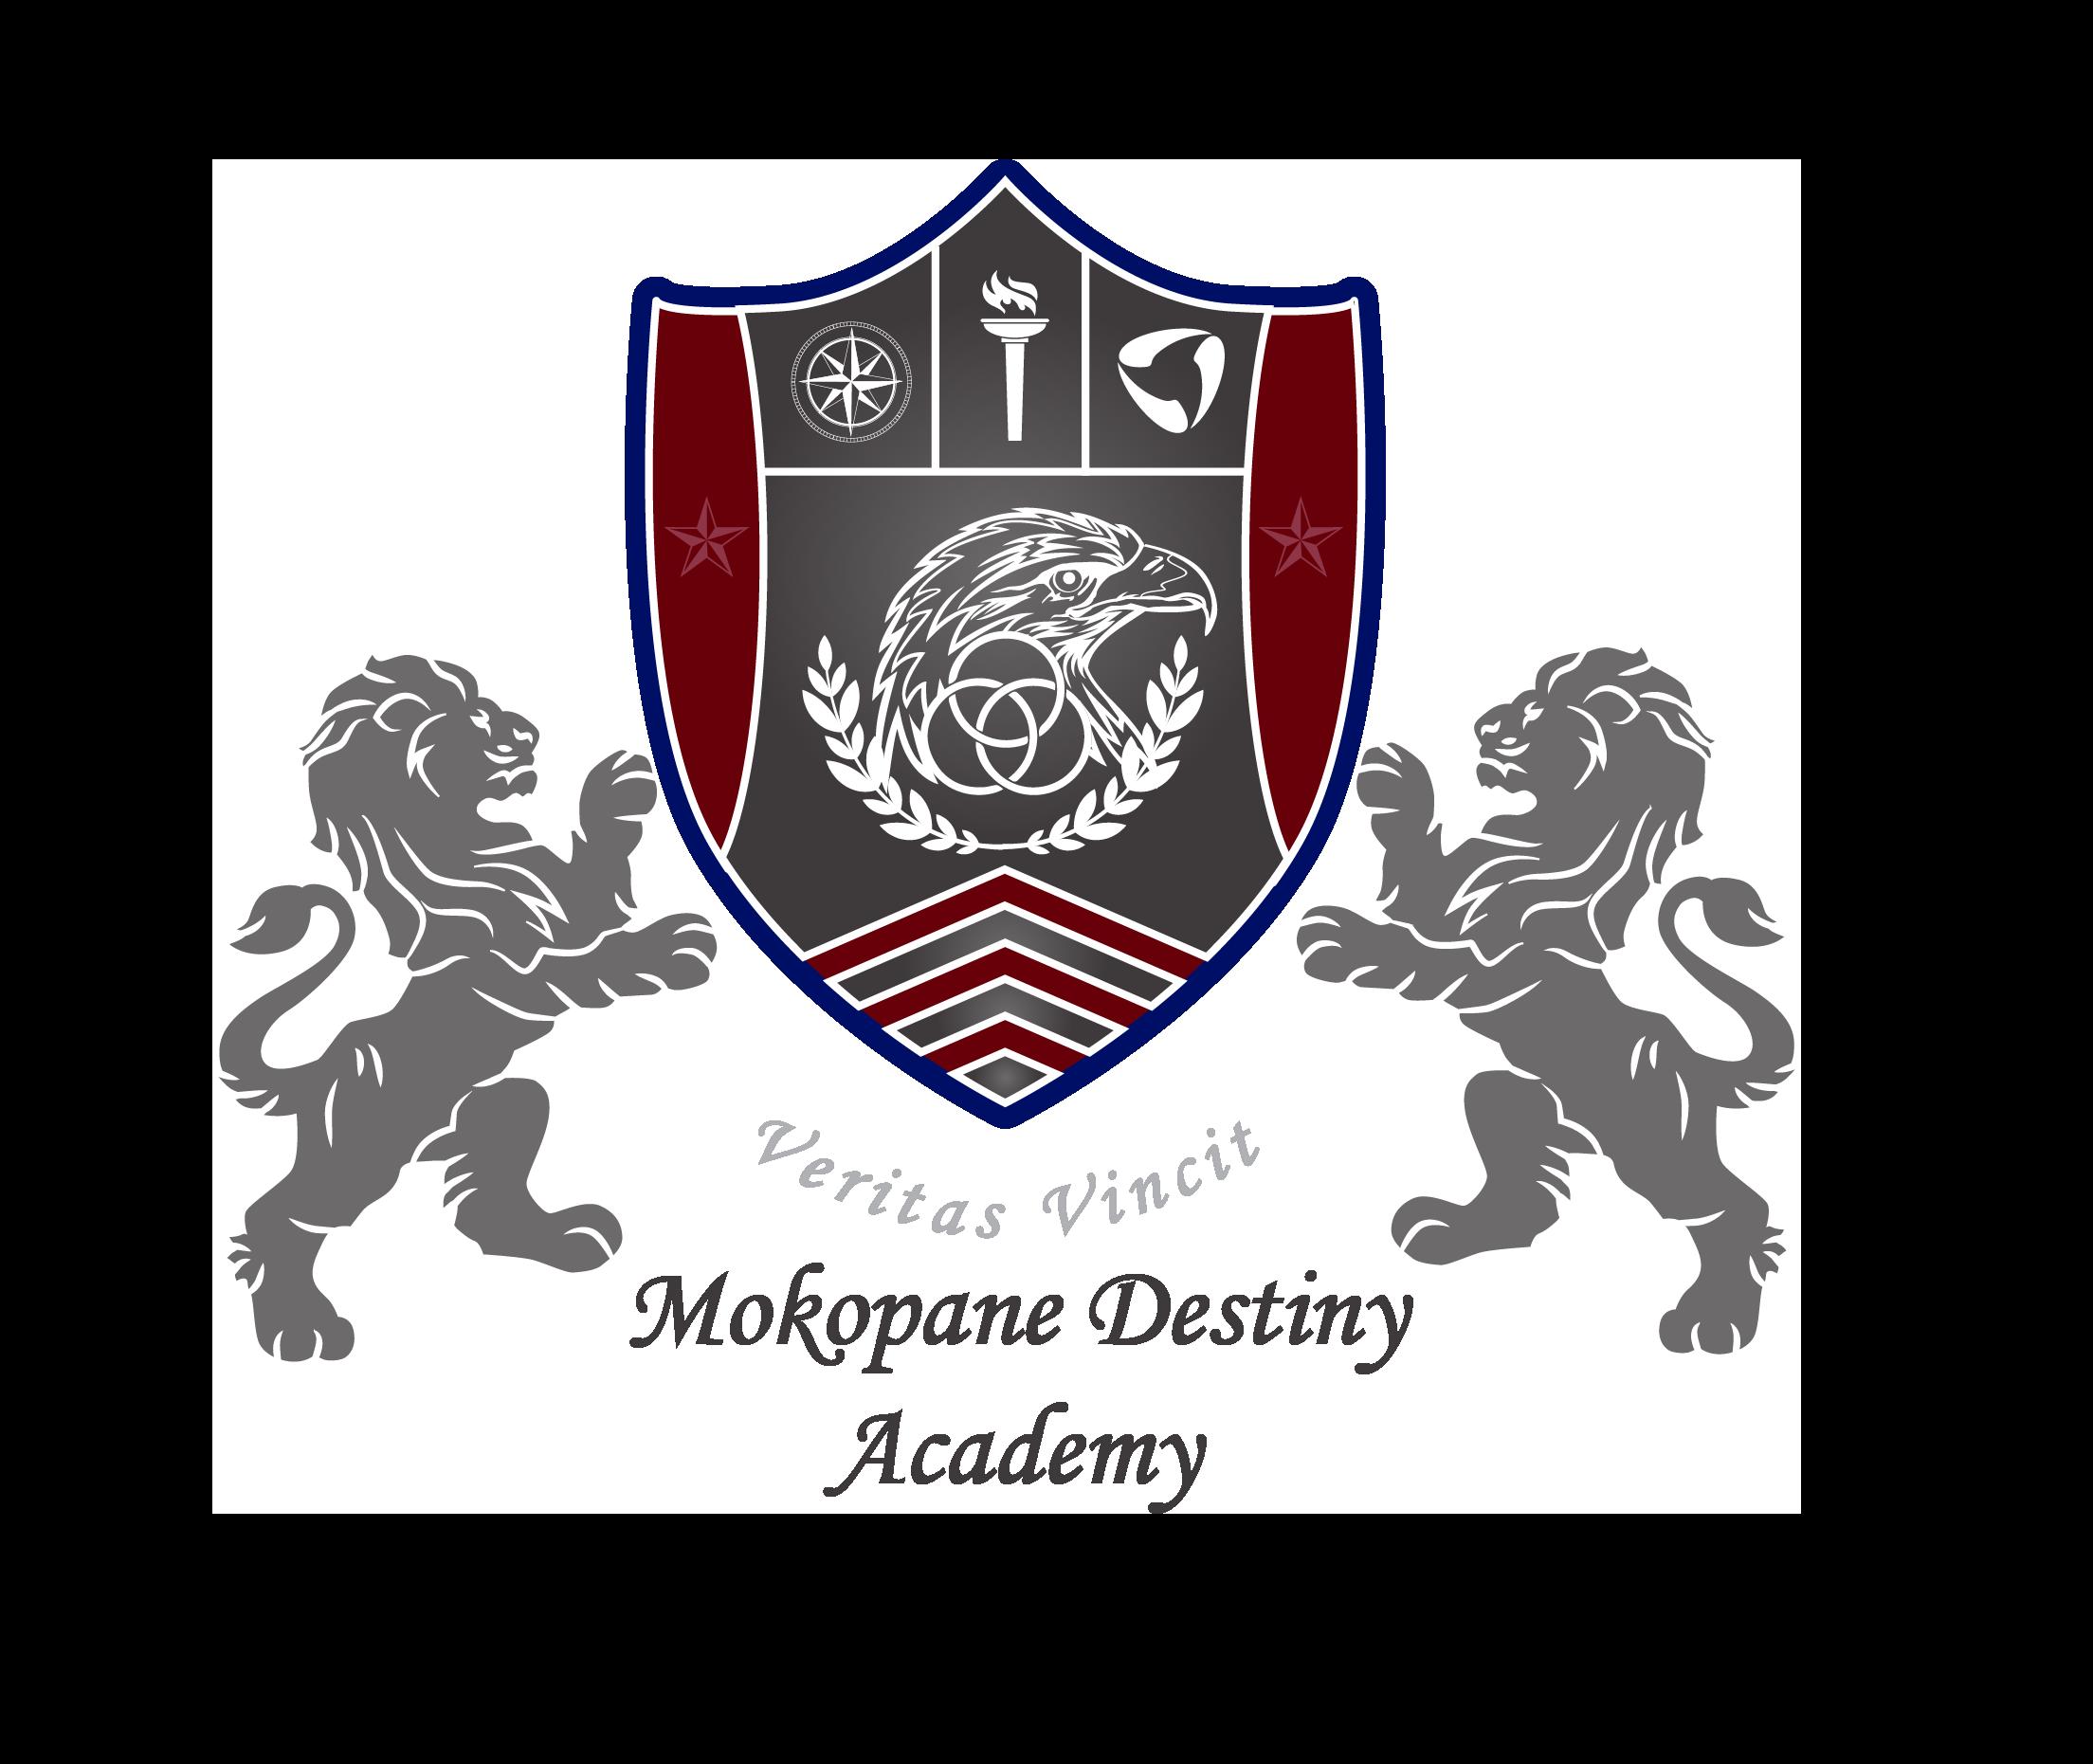 Mokopane Destiny Academy